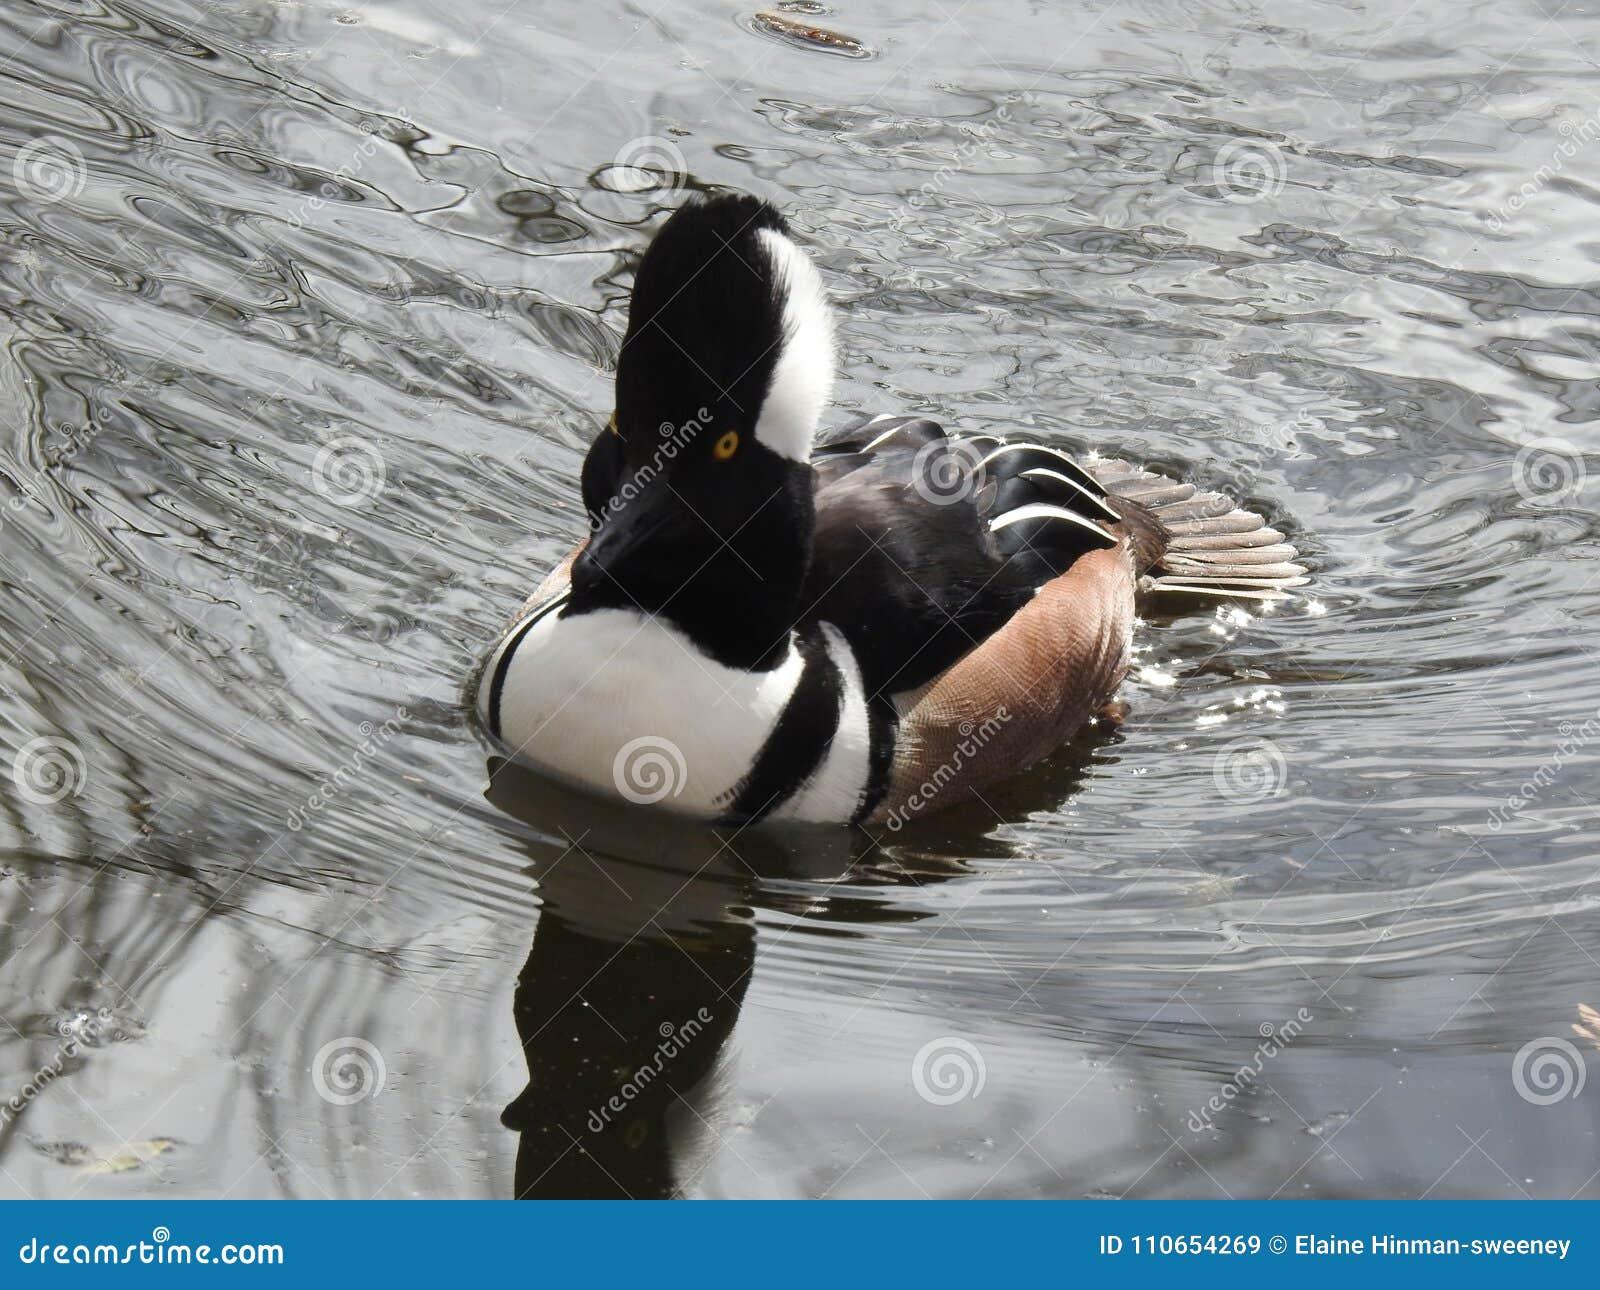 Hooded Merganser on Rippling Water